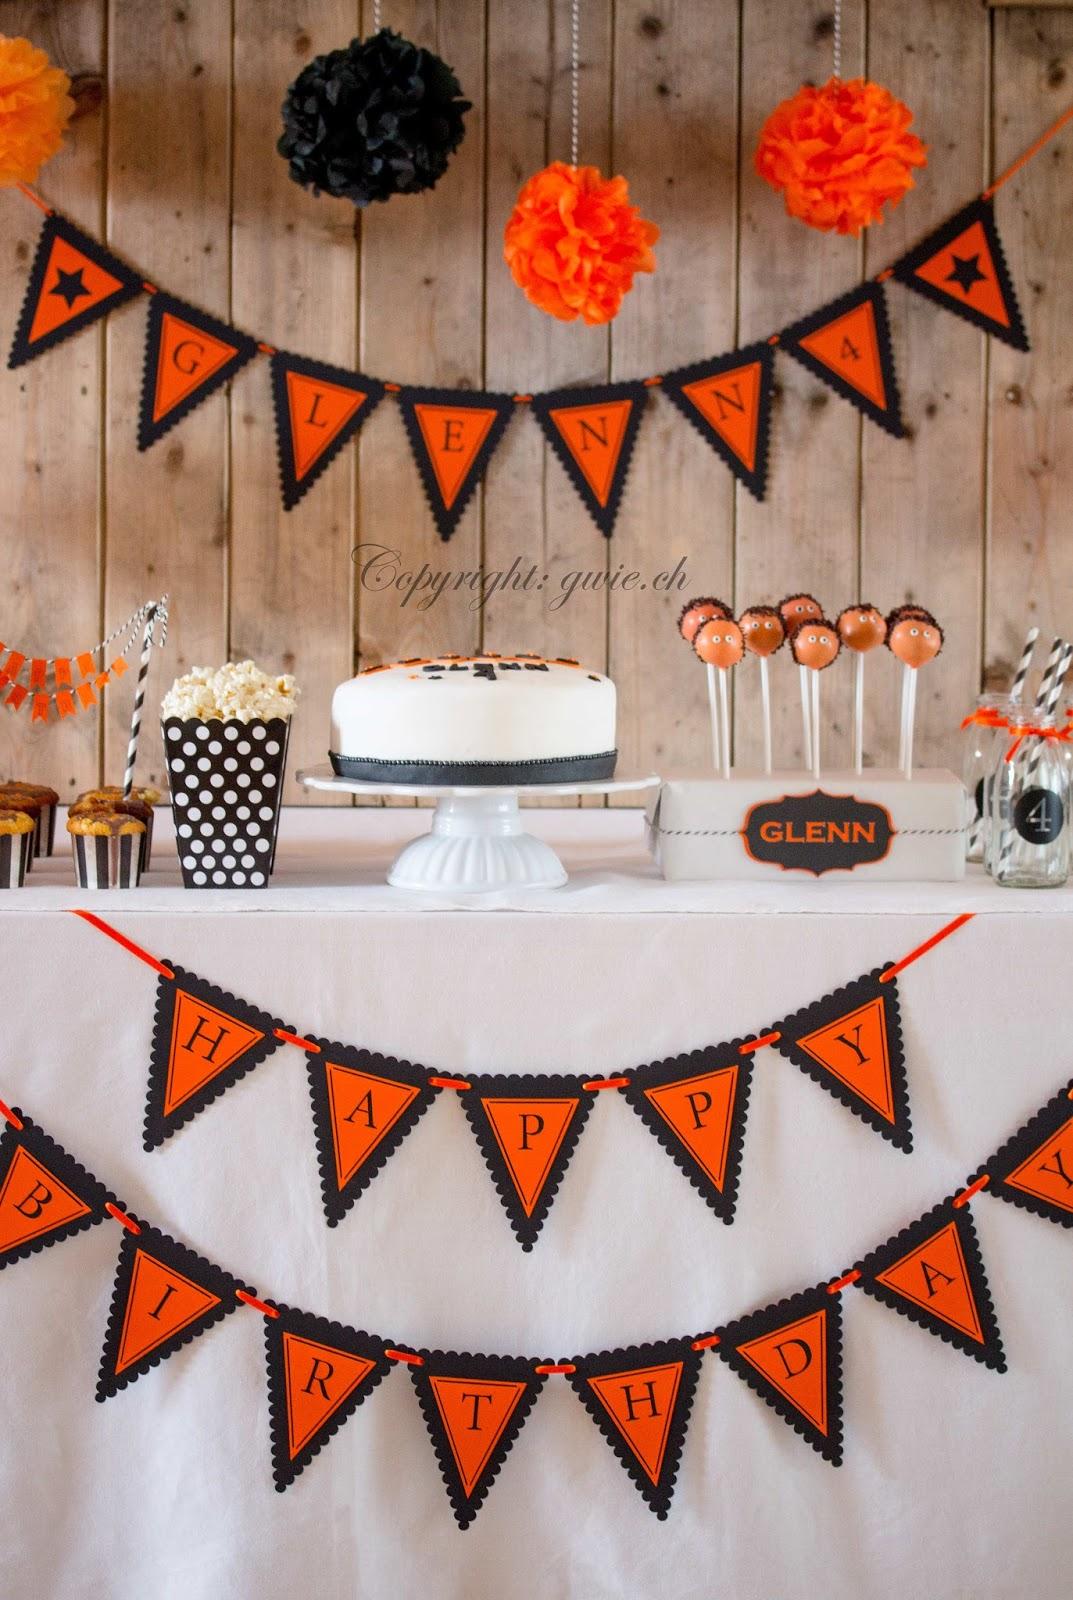 oranger sweet table, sweet table, sweet table mit wimpelketten, personalisierte wimpelkette, oranger sweet table